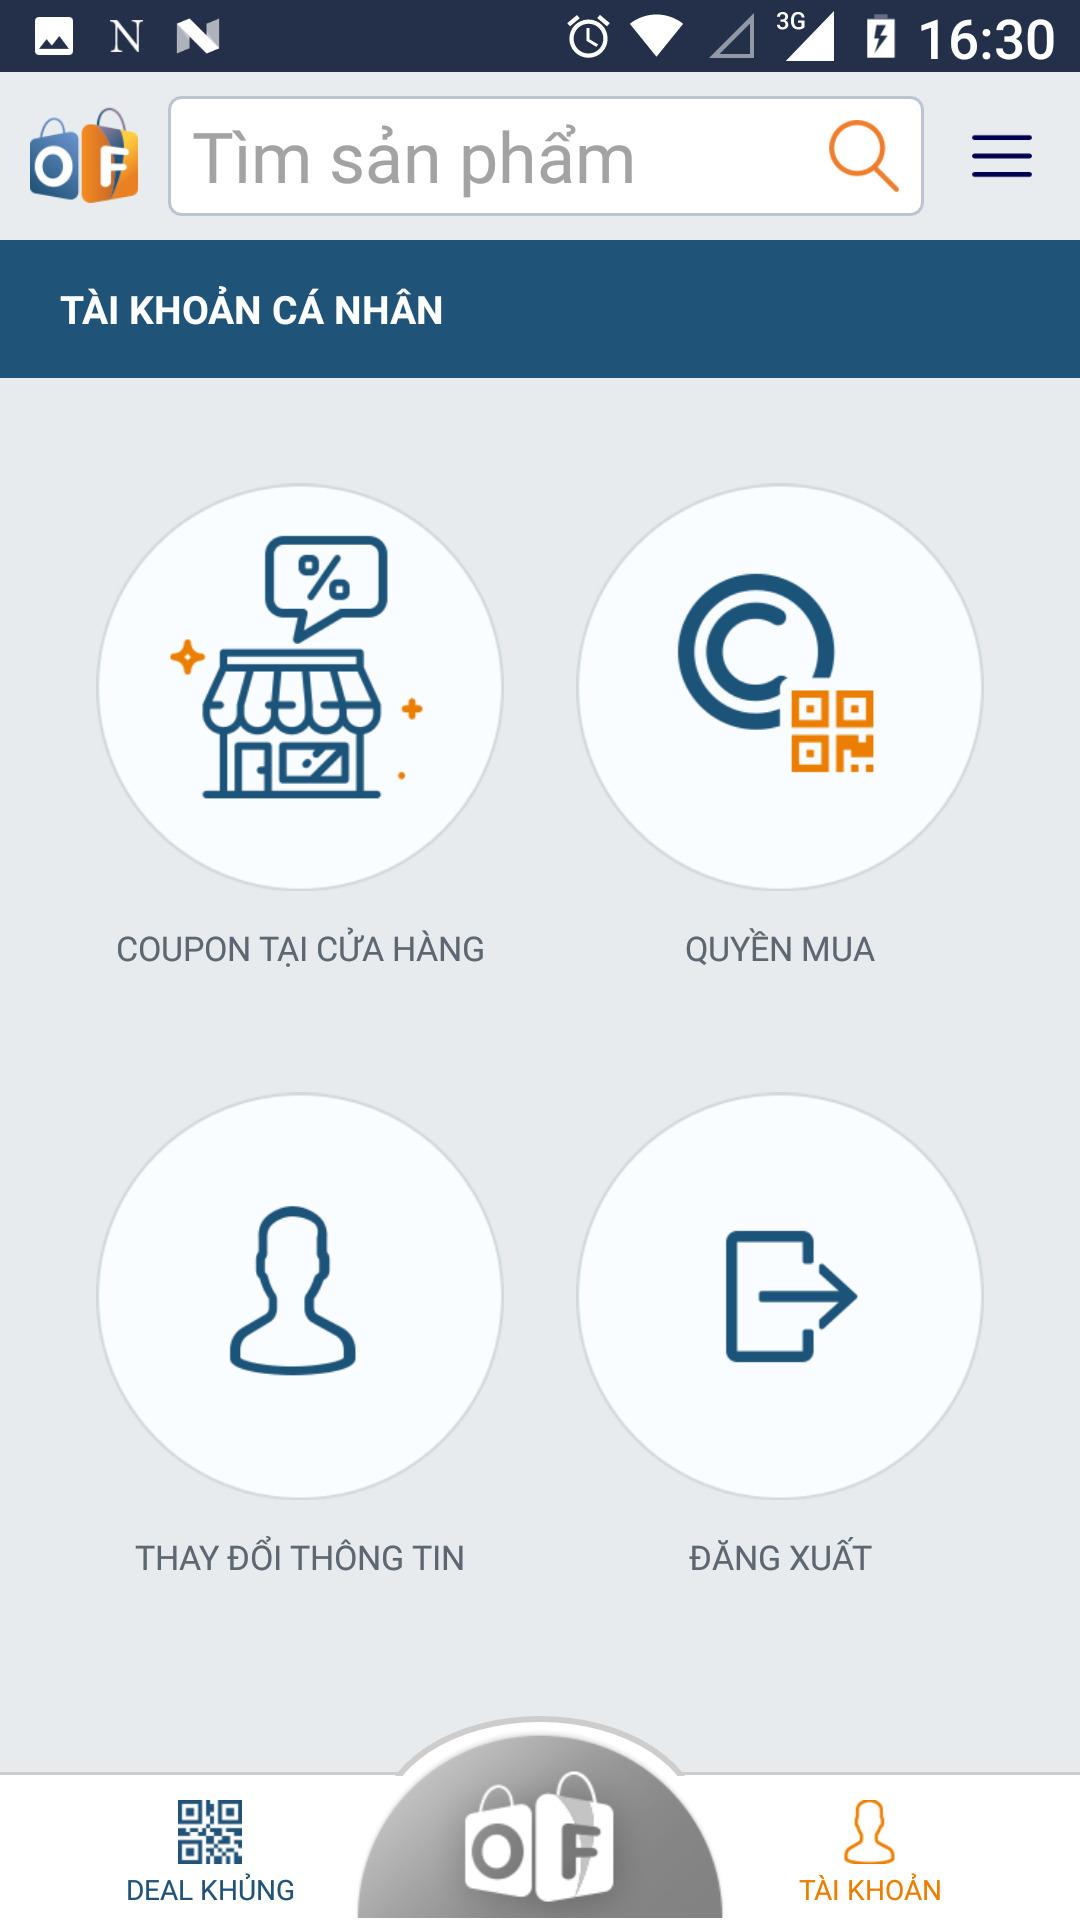 hướng dẫn sử dụng ứng dụng online friday 2017